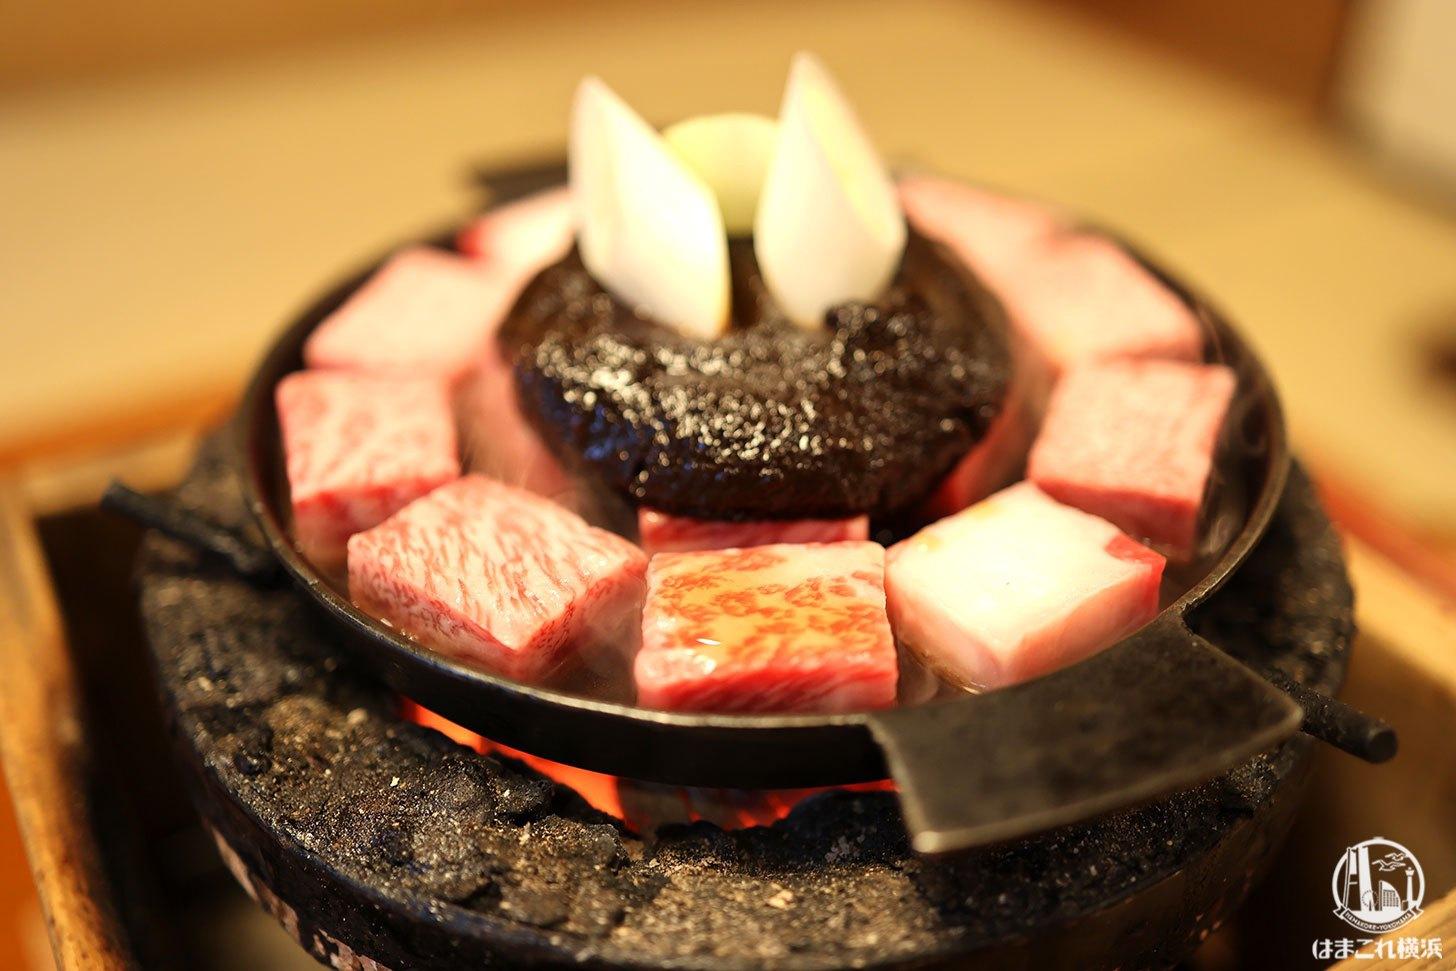 太田なわのれんの牛鍋コースで贅を極める!角切り牛肉を個室で庭を眺めながら堪能